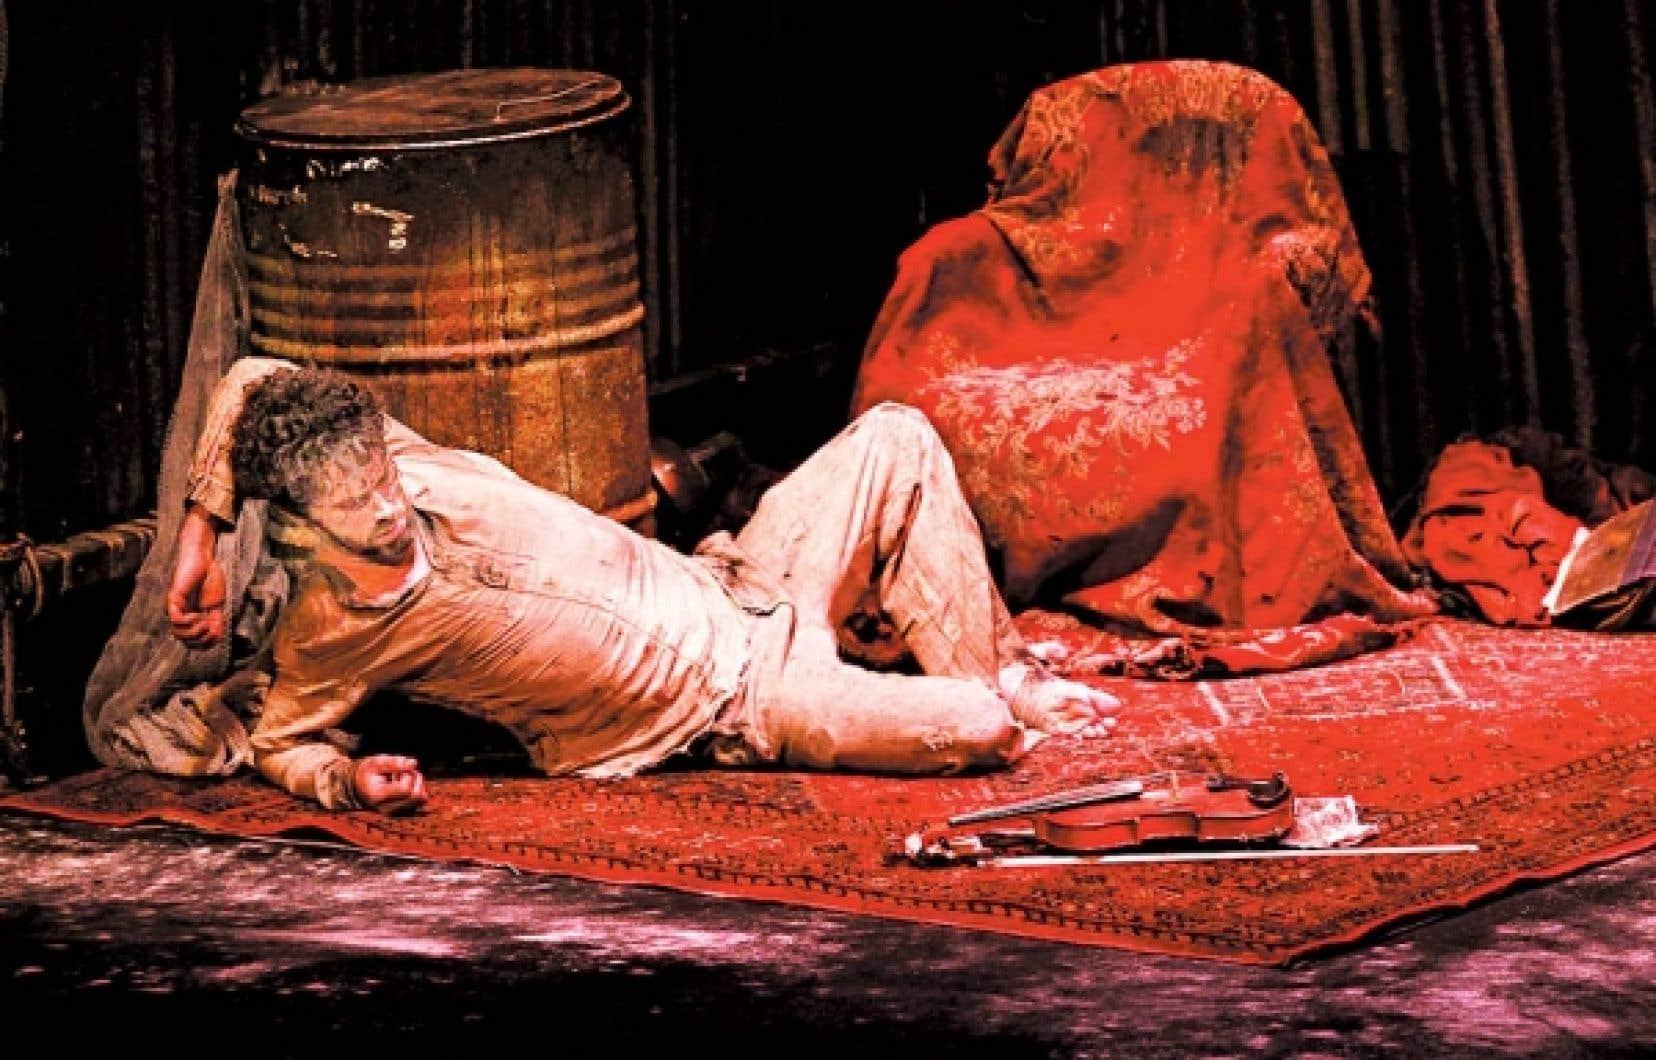 Dans un d&eacute;cor d&rsquo;apocalypse, la qu&ecirc;te int&eacute;rieure de ce Raoul, visit&eacute; par d&eacute;mons et merveilles, a depuis grandi avec l&rsquo;artiste multitalentueux James Thi&eacute;rr&eacute;e.<br />